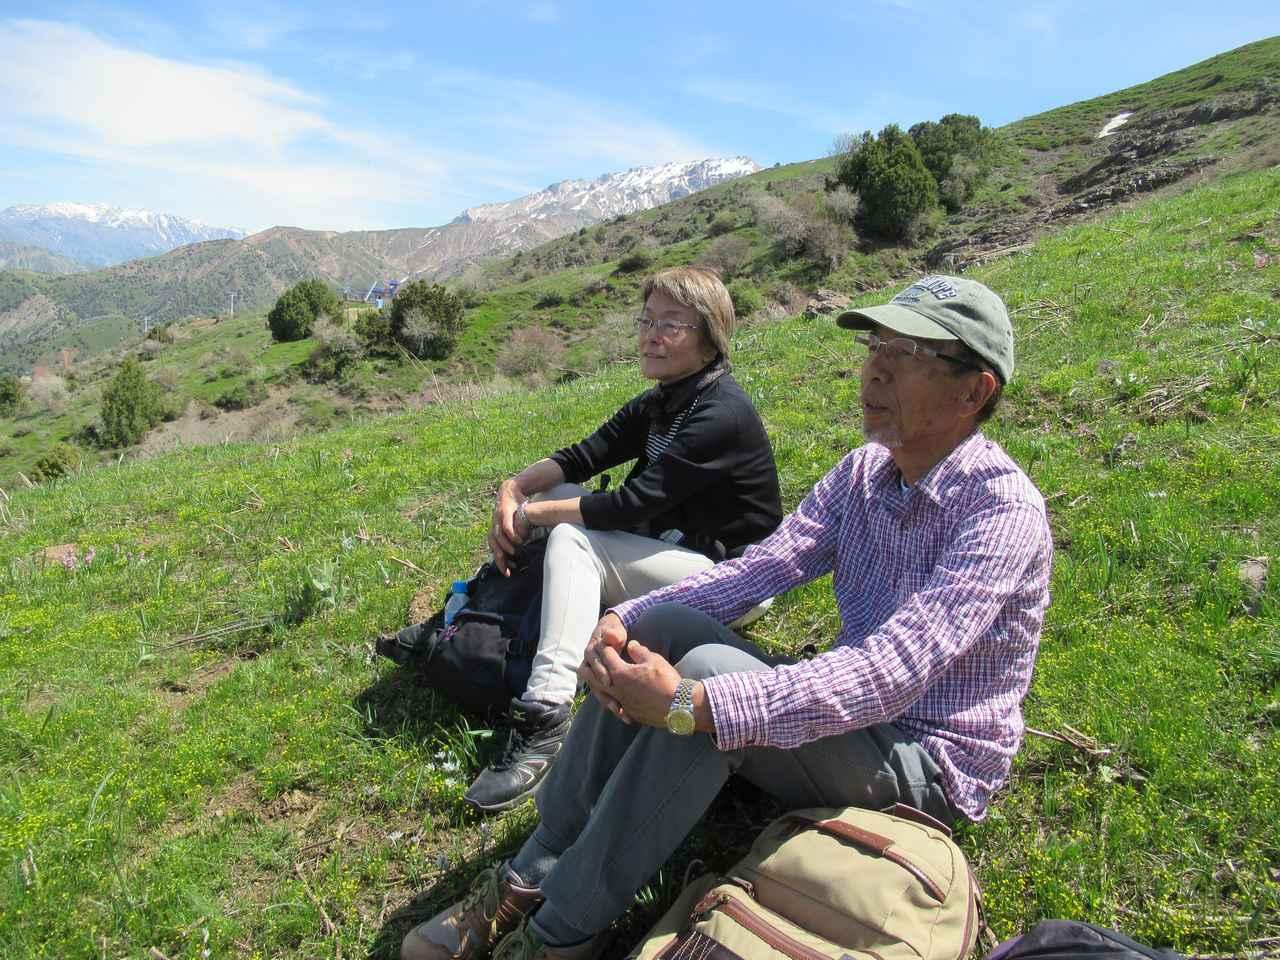 画像4: ハイキング中の風景